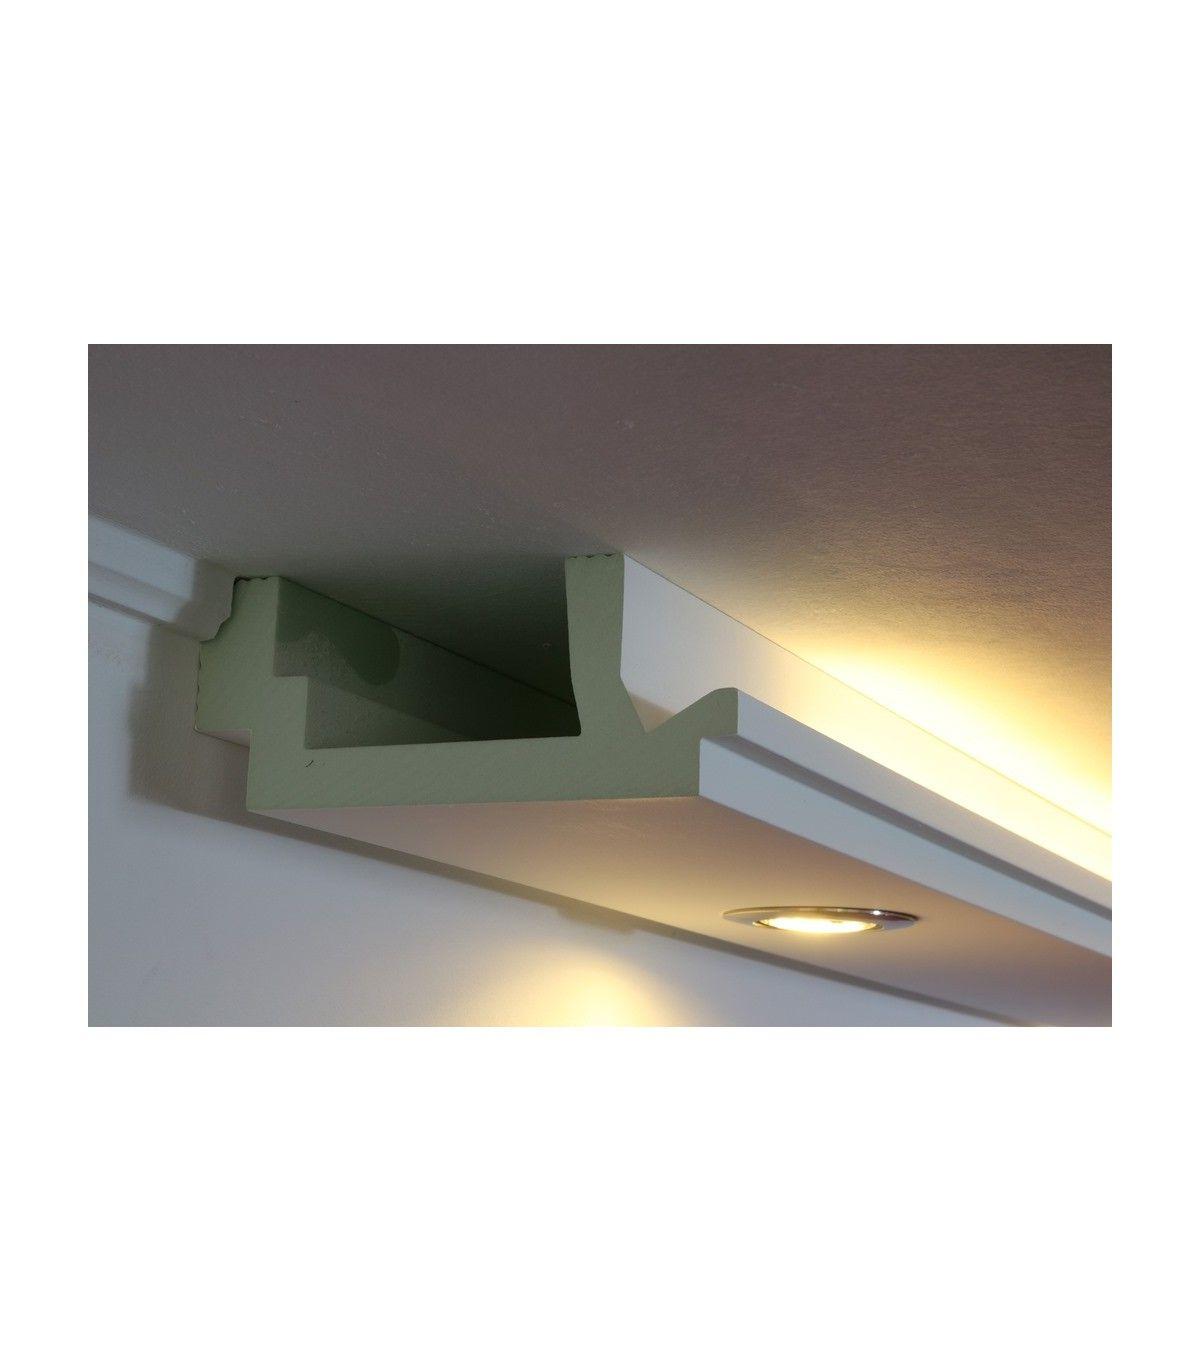 Led Stuckleisten Fur Indirekte Beleuchtung Wand Und Decke Wdml 200c Pr Beleuchtung Deckenbeleuchtung Indirekte Beleuchtung